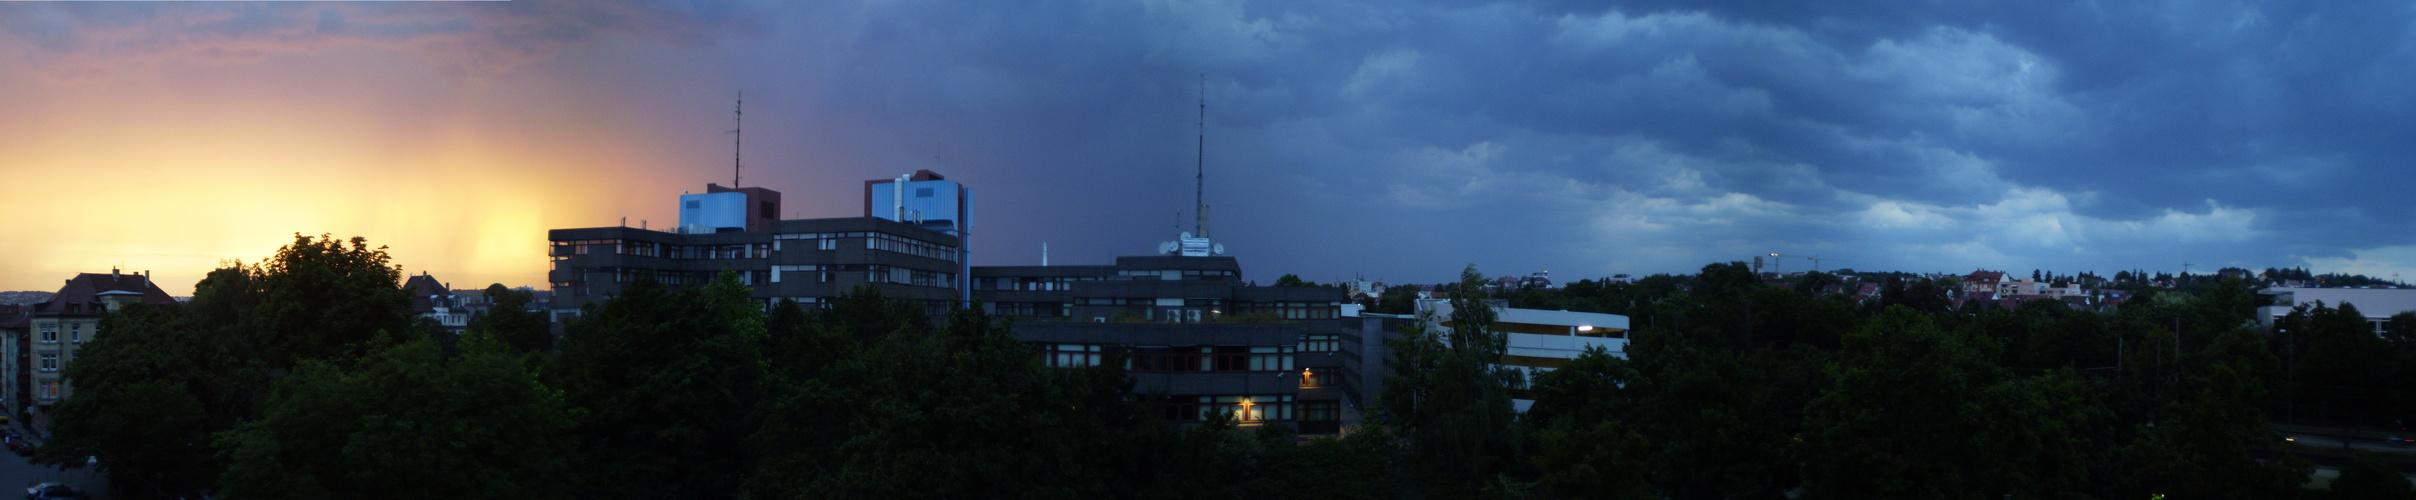 Unwetter-Panorama